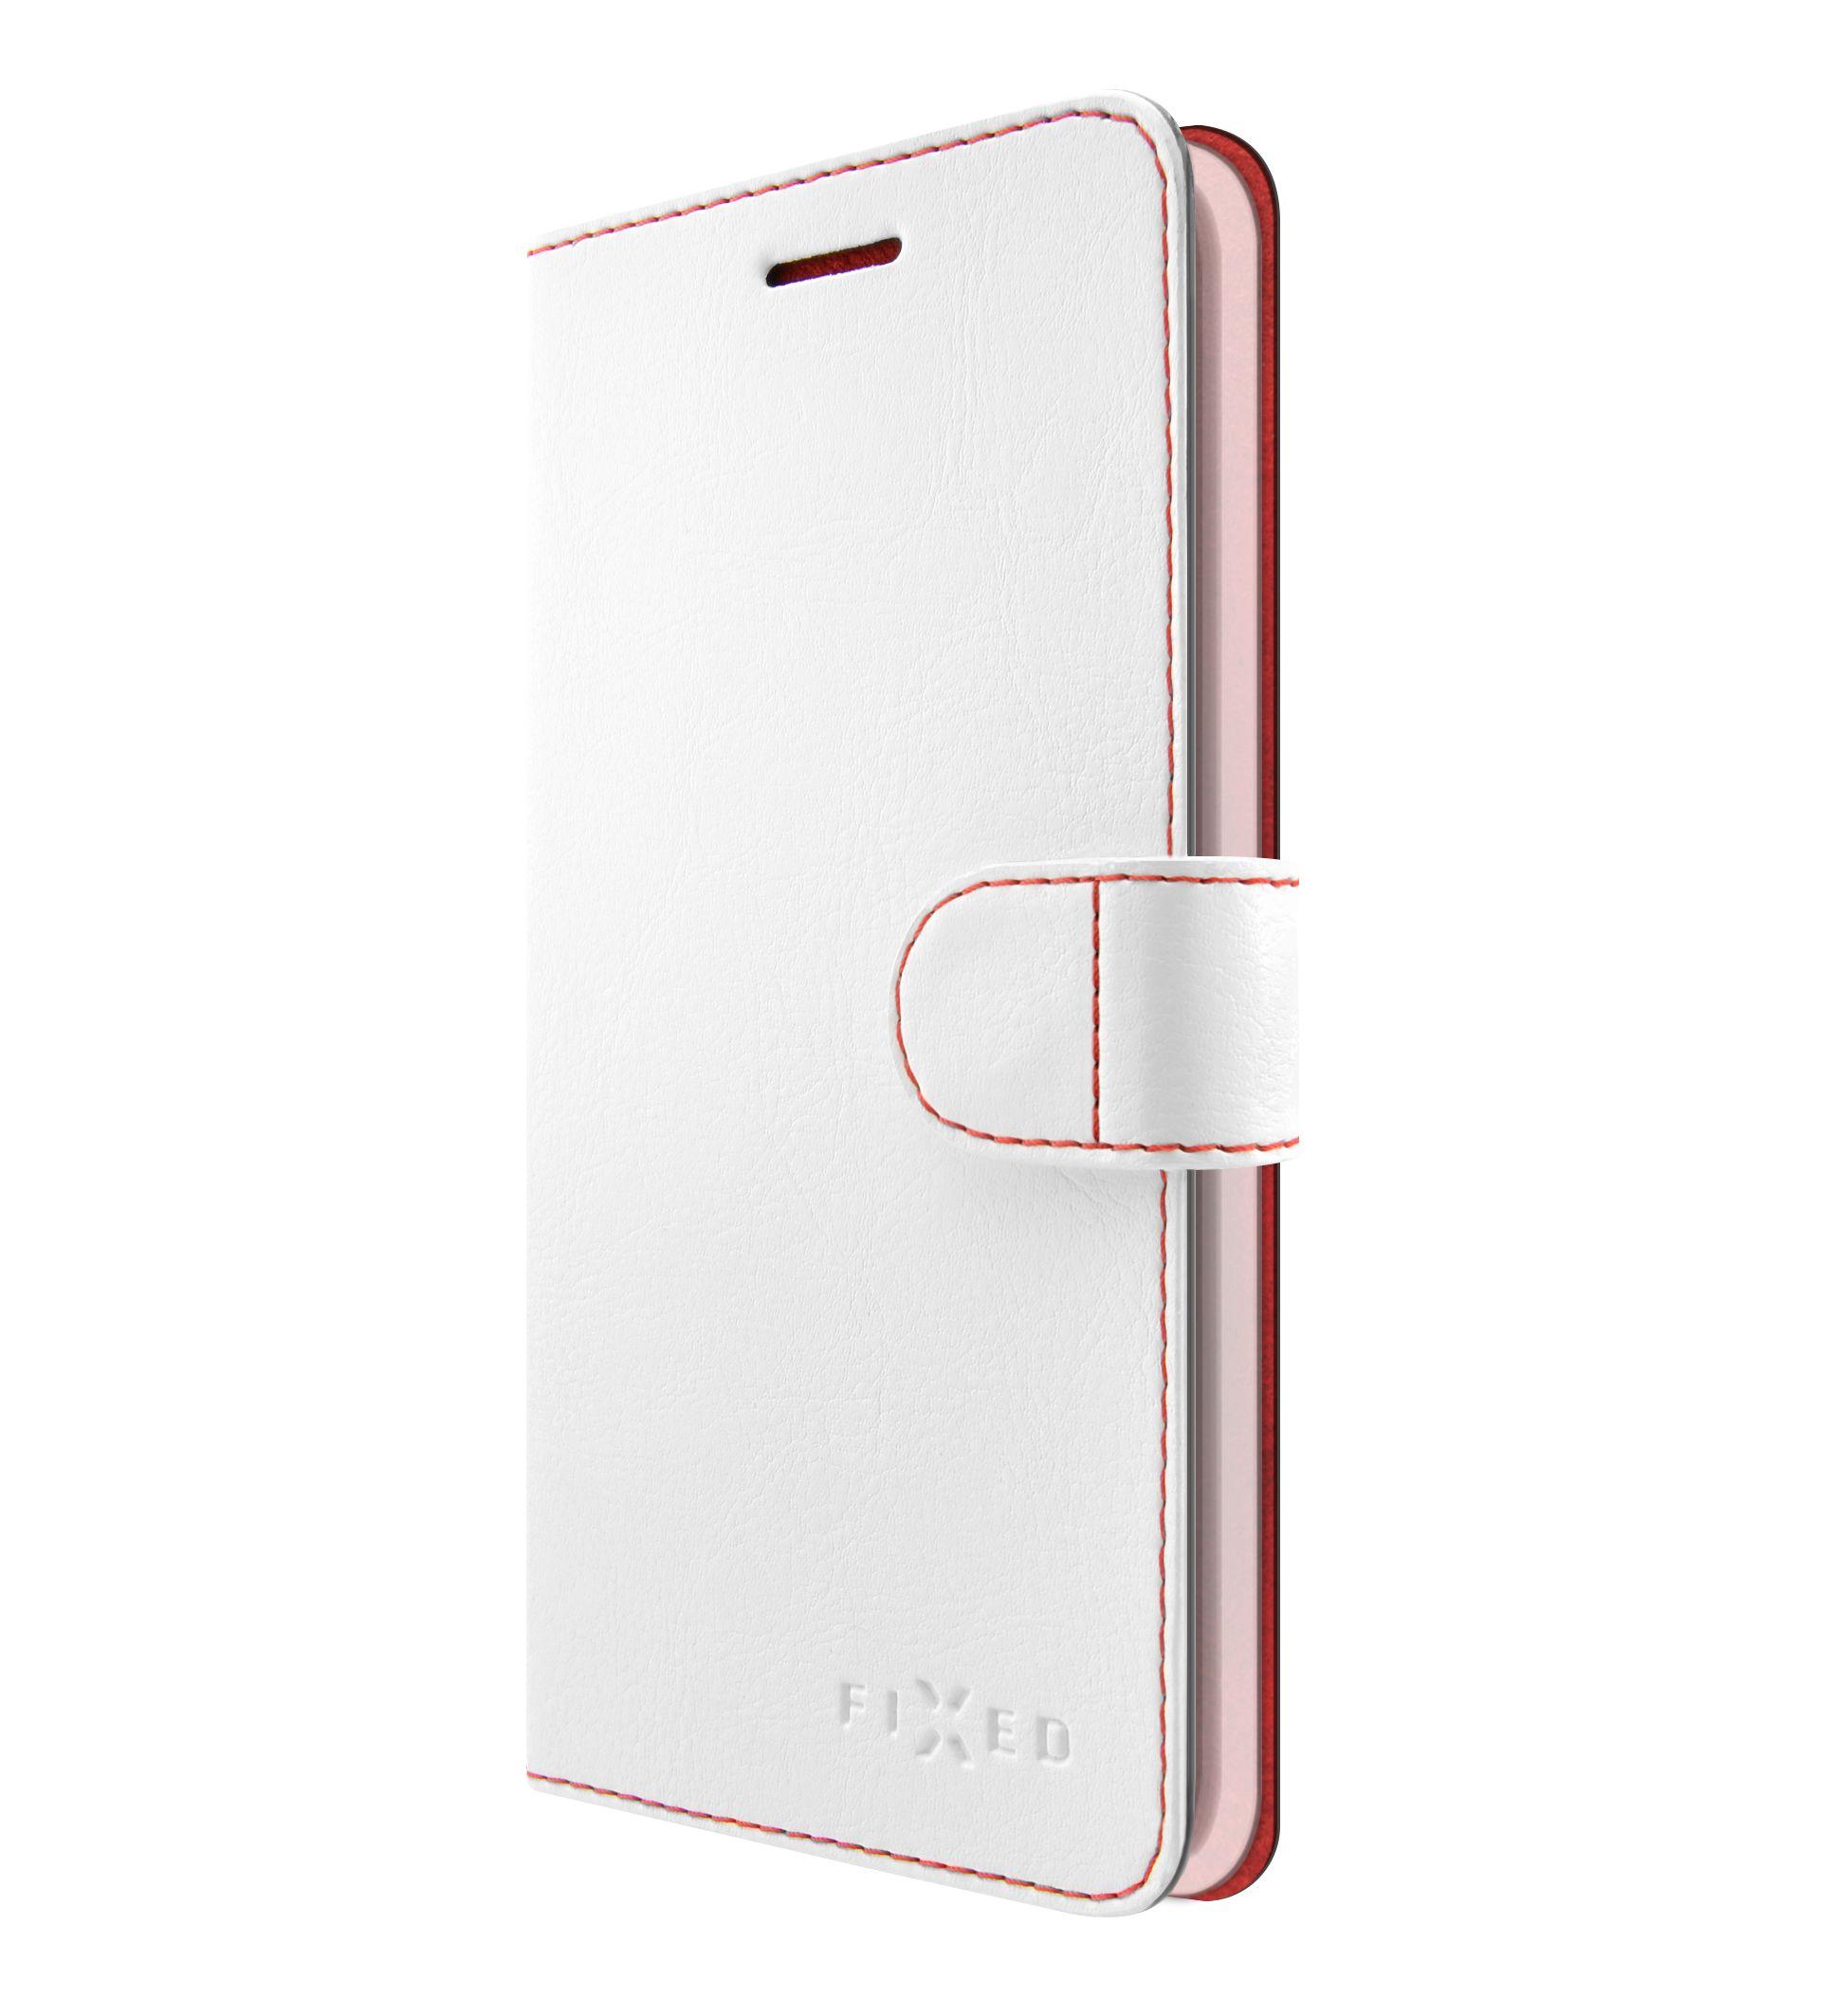 FIXED FIT flipové pouzdro pro Huawei Y6 (2018) bílé